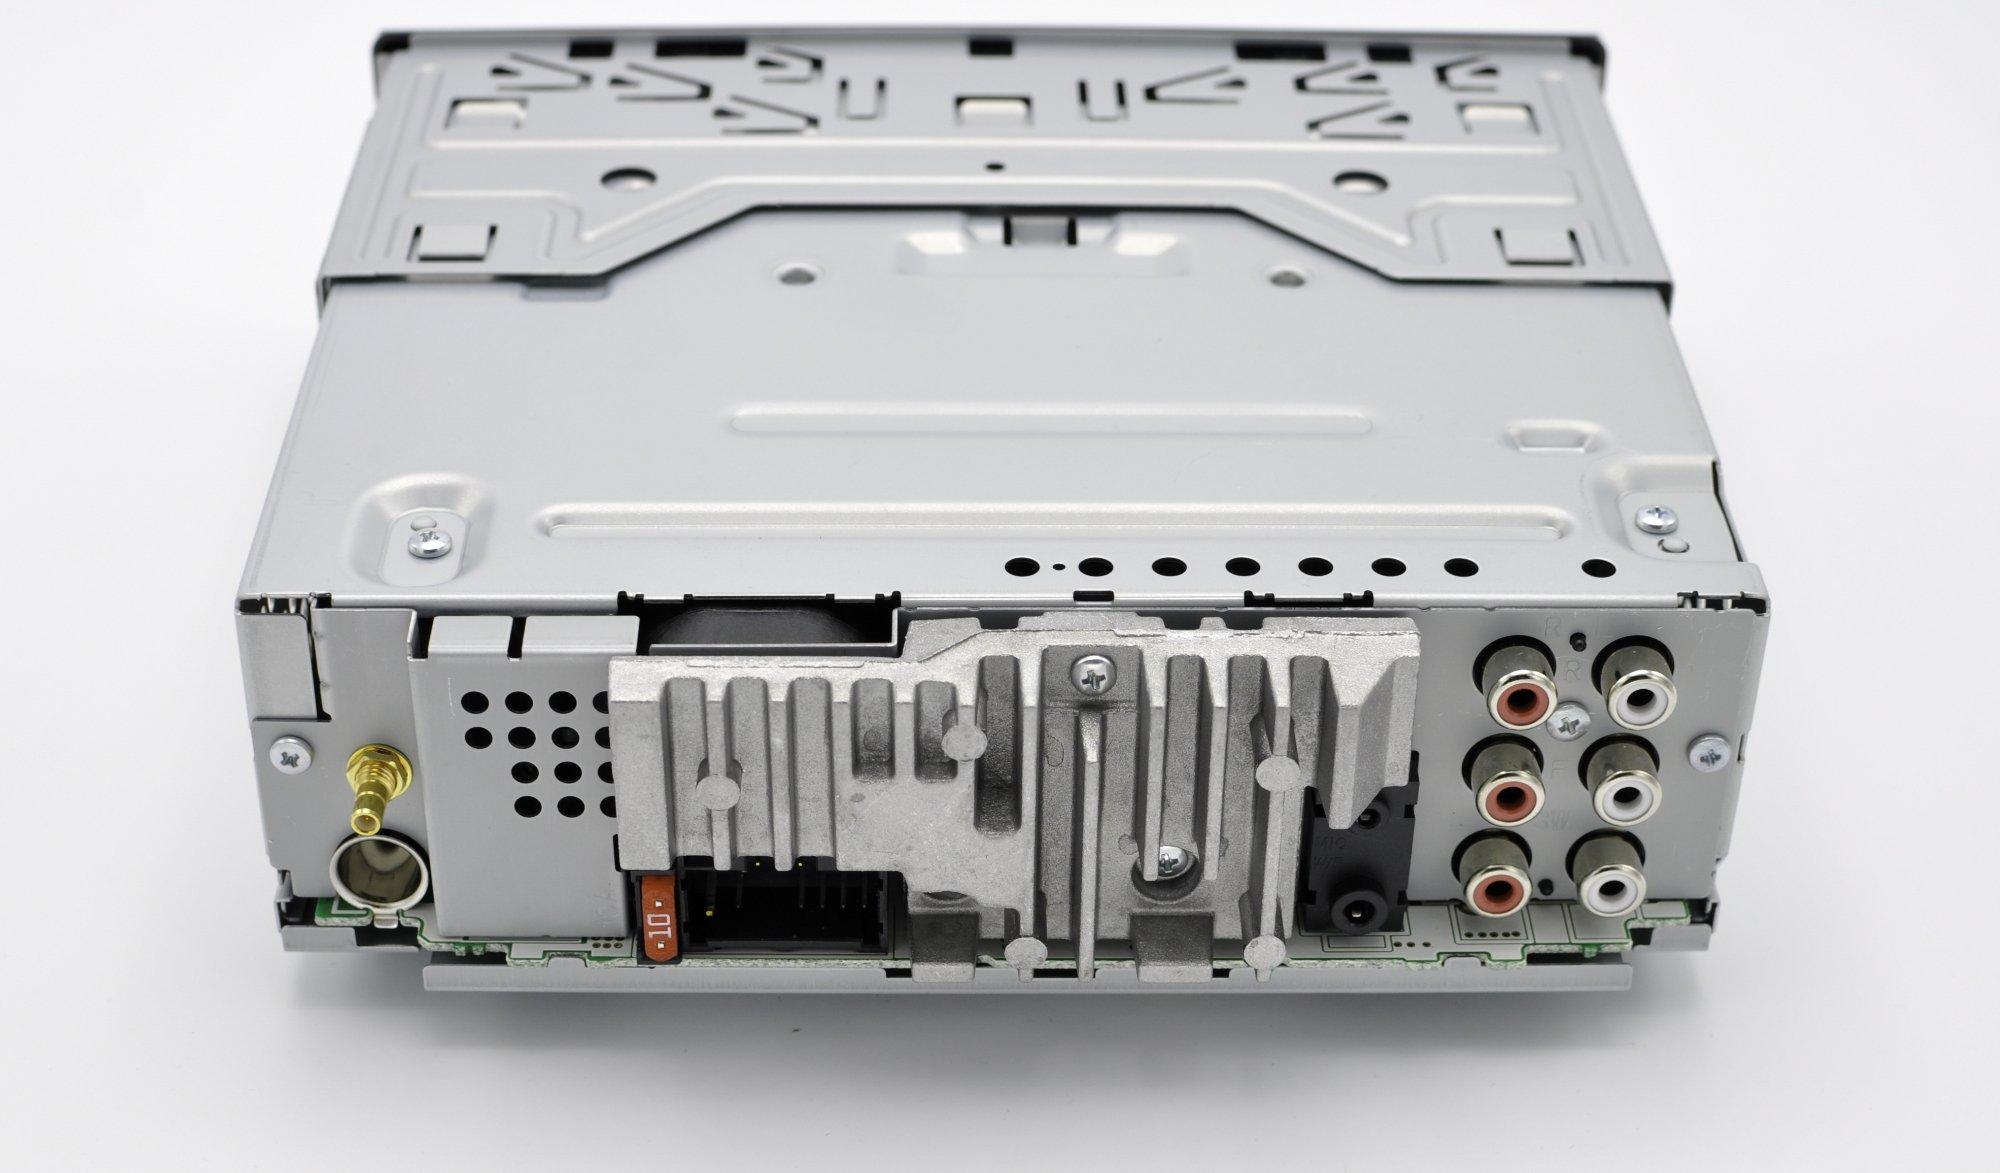 Pioneer-DEH-X7800DAB-1DIN-Autoradio-CD-Tuner-mit-RDS-FM-und-DABDAB-Tuner-CD-Bluetooth-MP3-USB-AUX-Eingang-Bluetooth-Freisprecheinrichtung-Kompatibel-mit-Android-und-iPodiPhone